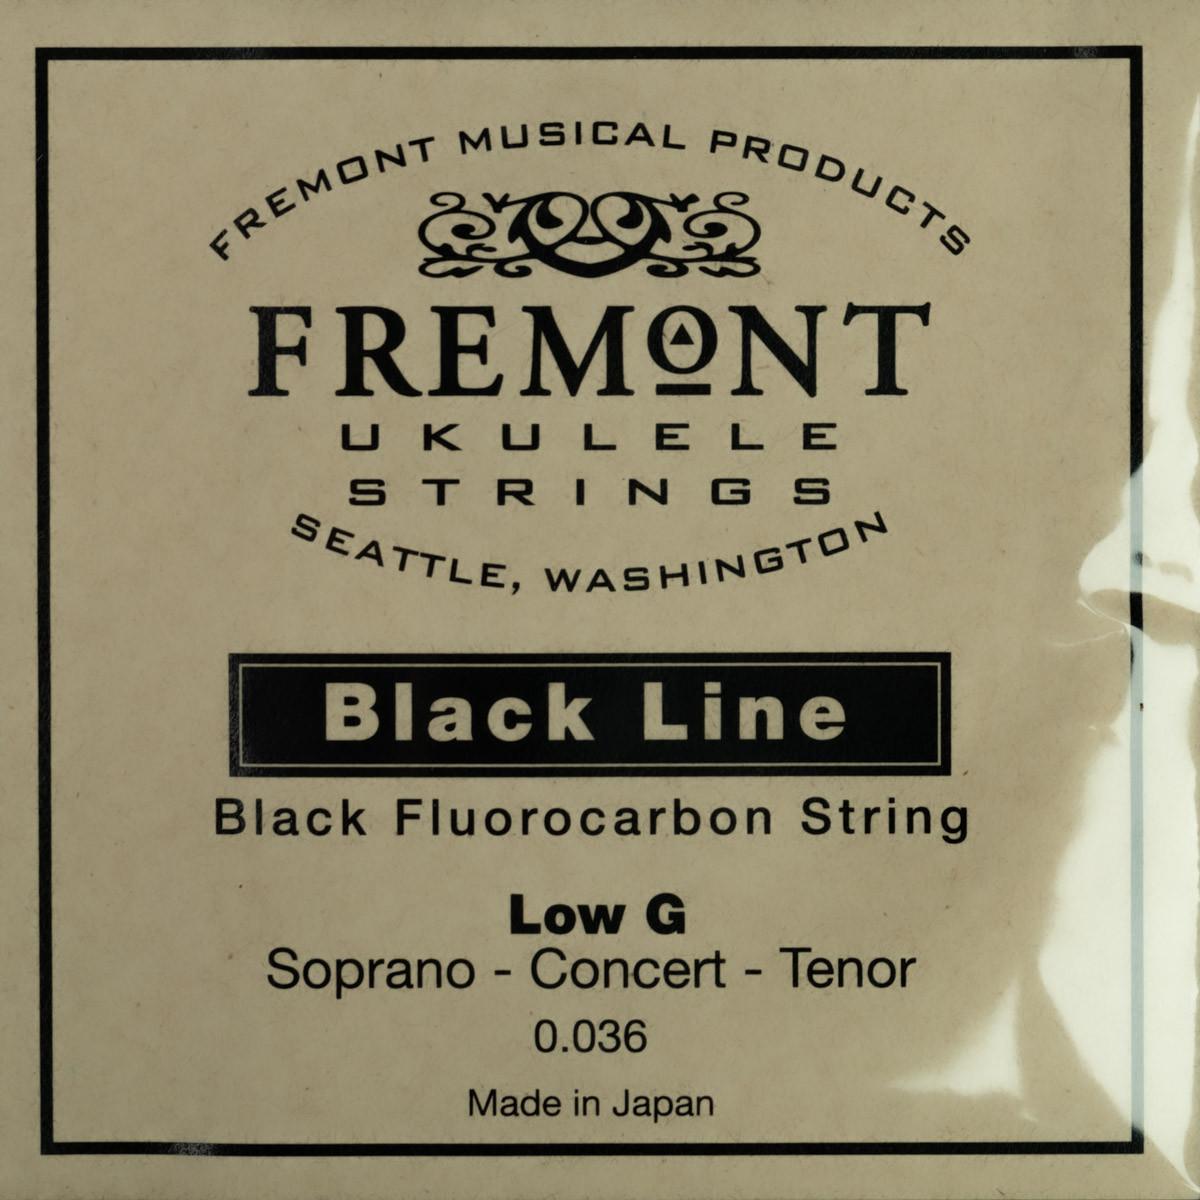 Fremont Black Line Fluorocarbon Low G Ukulele String